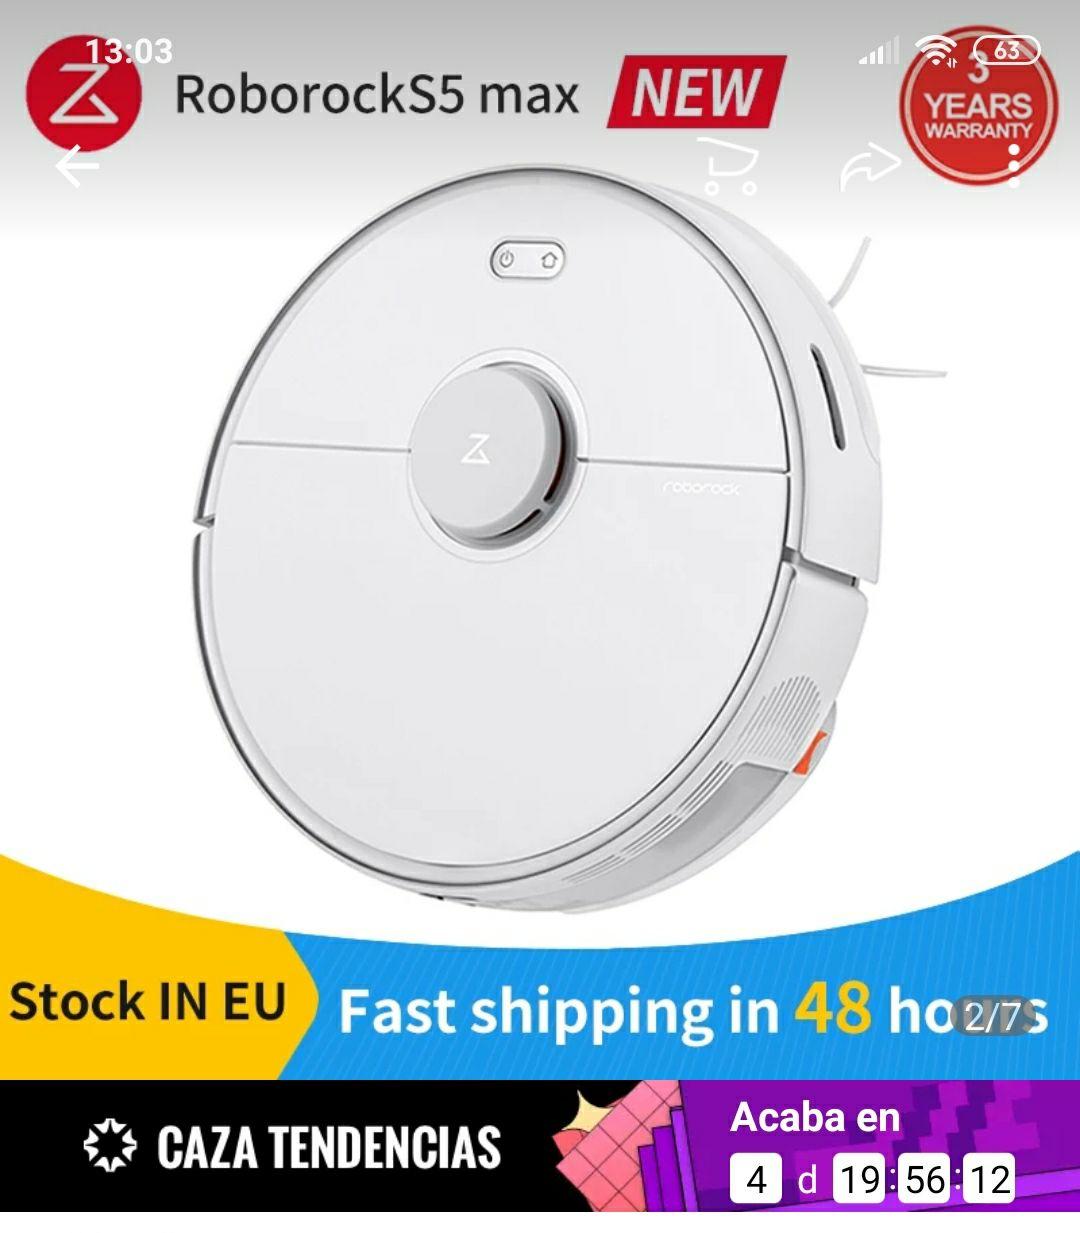 Xiaomi-Aspiradora robot Roborock S5 MAX